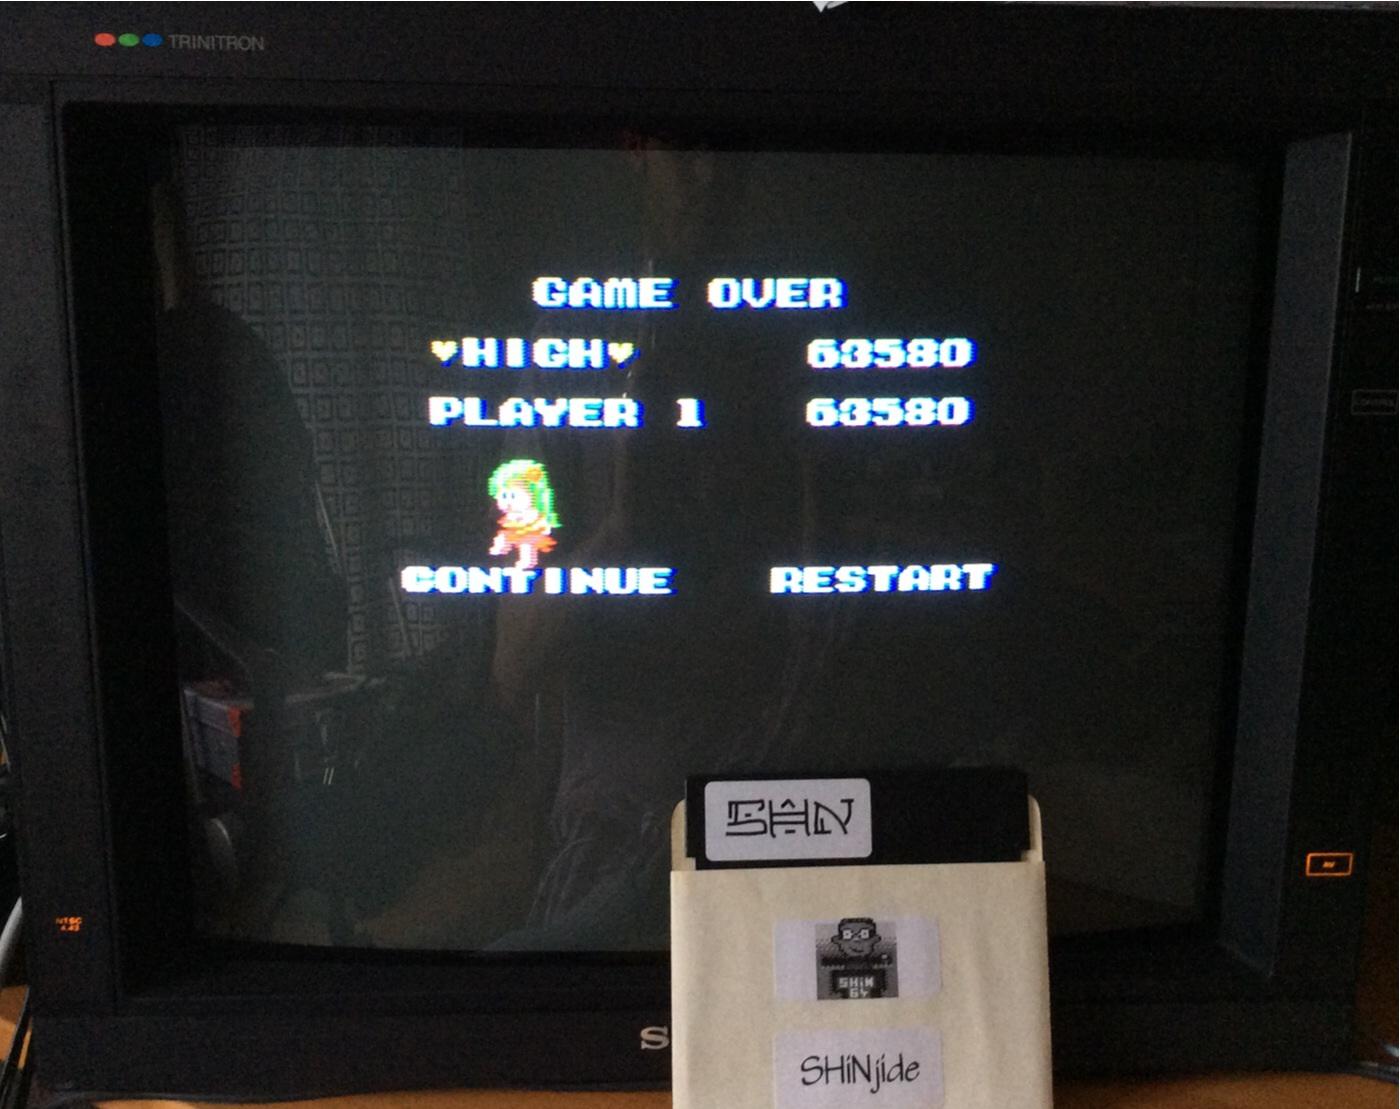 SHiNjide: Wonder Boy (Sega Master System Emulated) 63,580 points on 2014-08-30 02:50:48